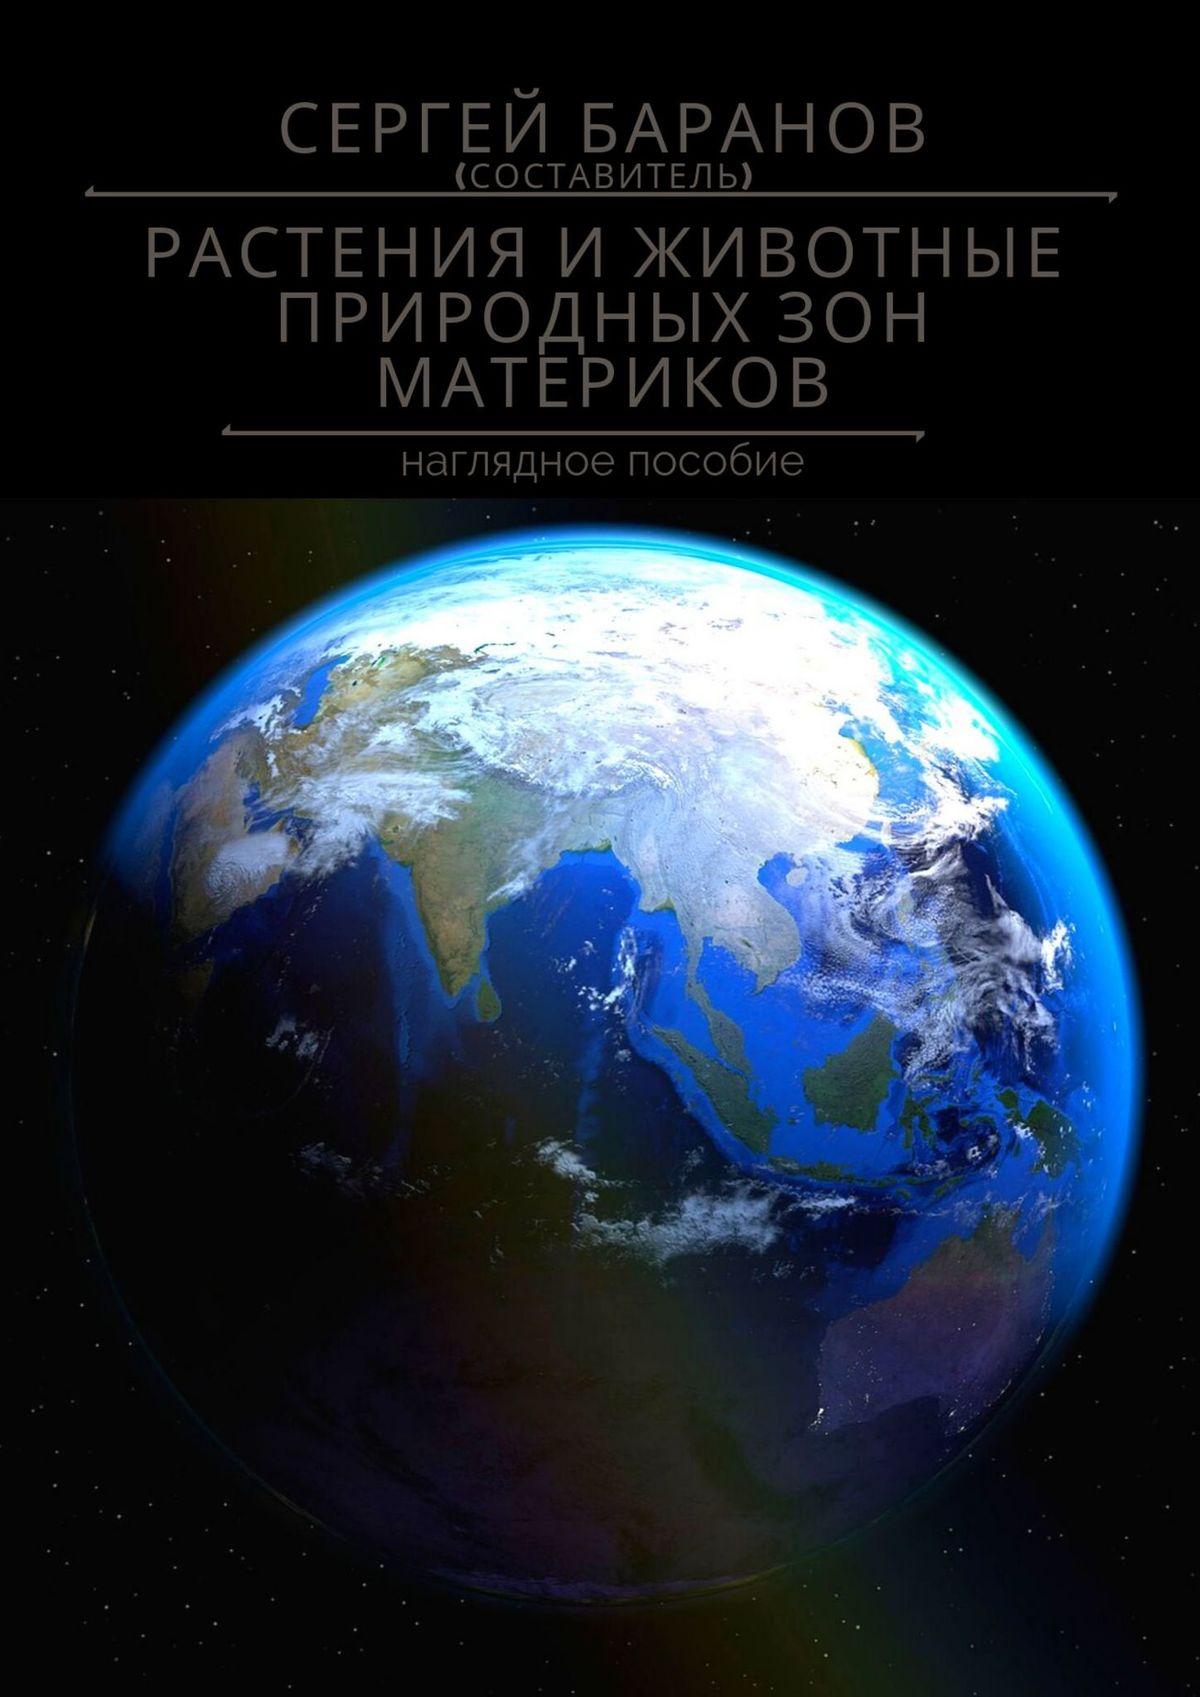 Сергей Баранов Растения иживотные природных зон материков. Наглядное пособие фгос ноо обучающихся в овз